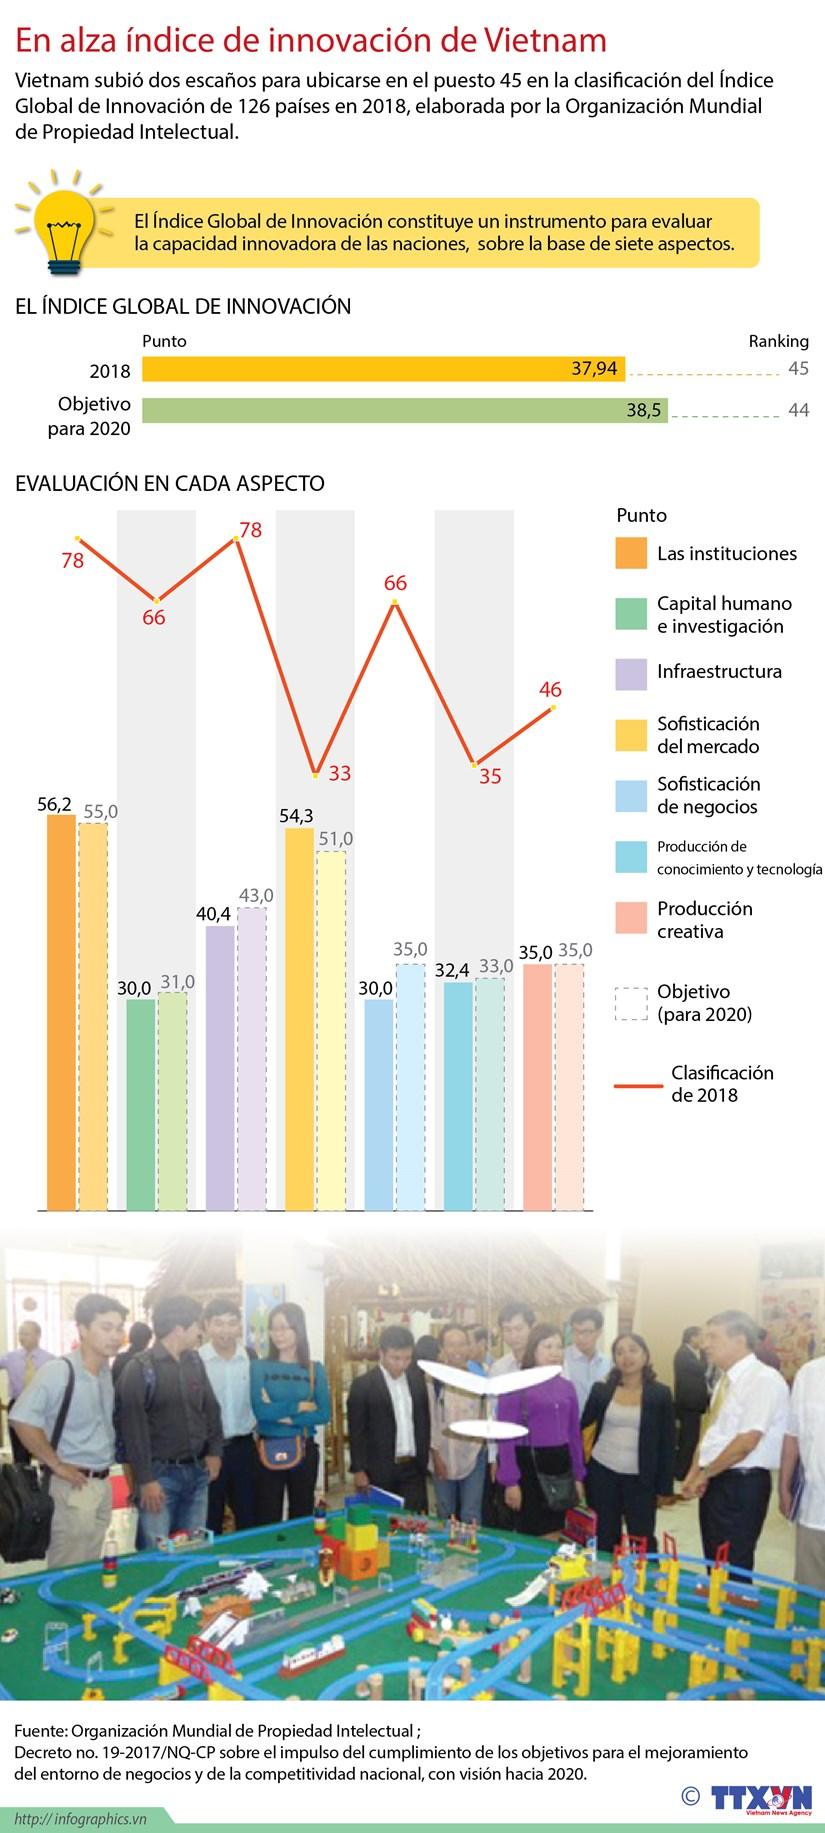 [Infografia] En alza indice de innovacion de Vietnam hinh anh 1